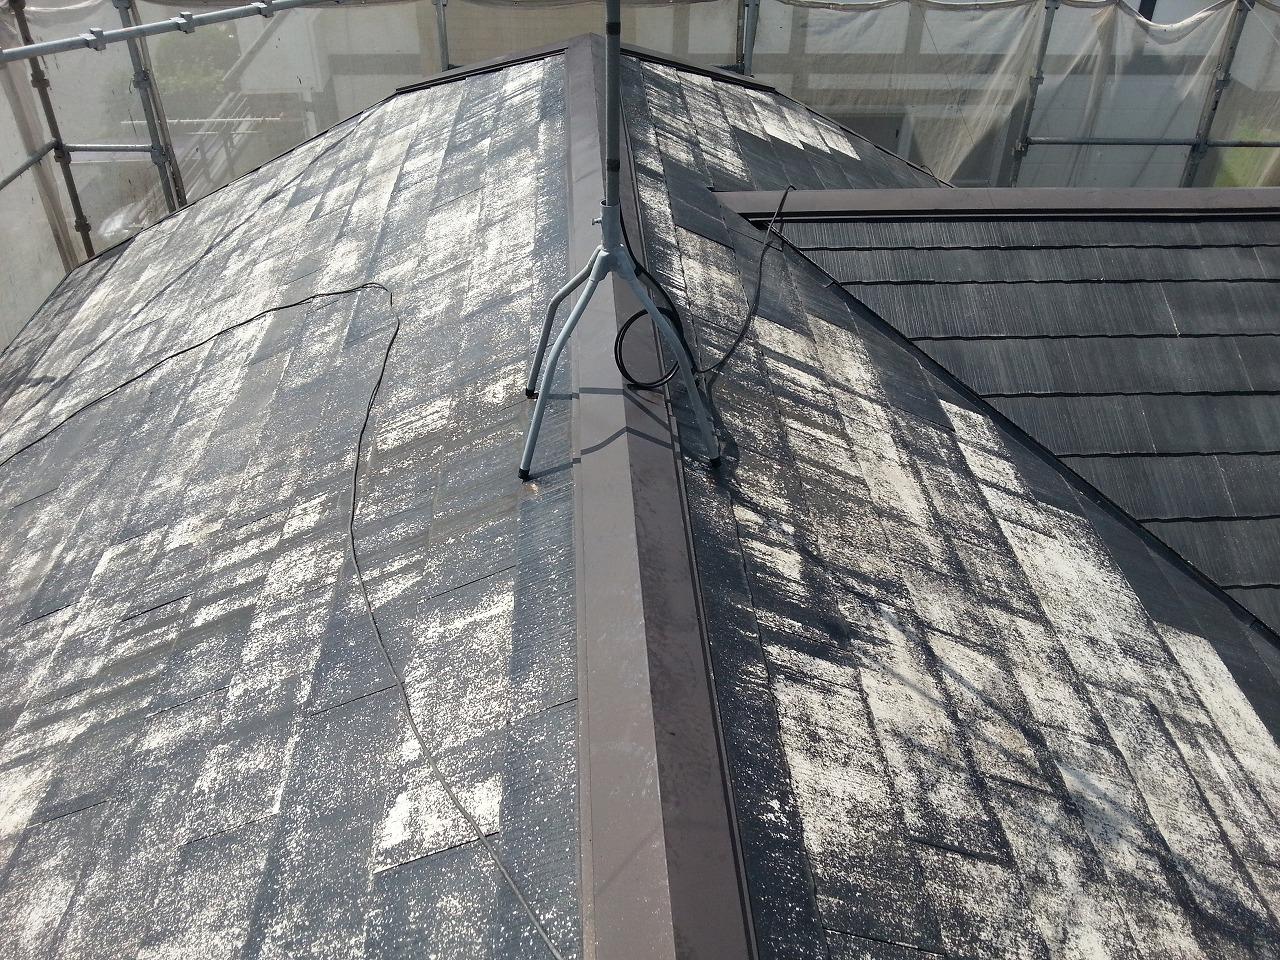 W邸様屋根塗装前写真